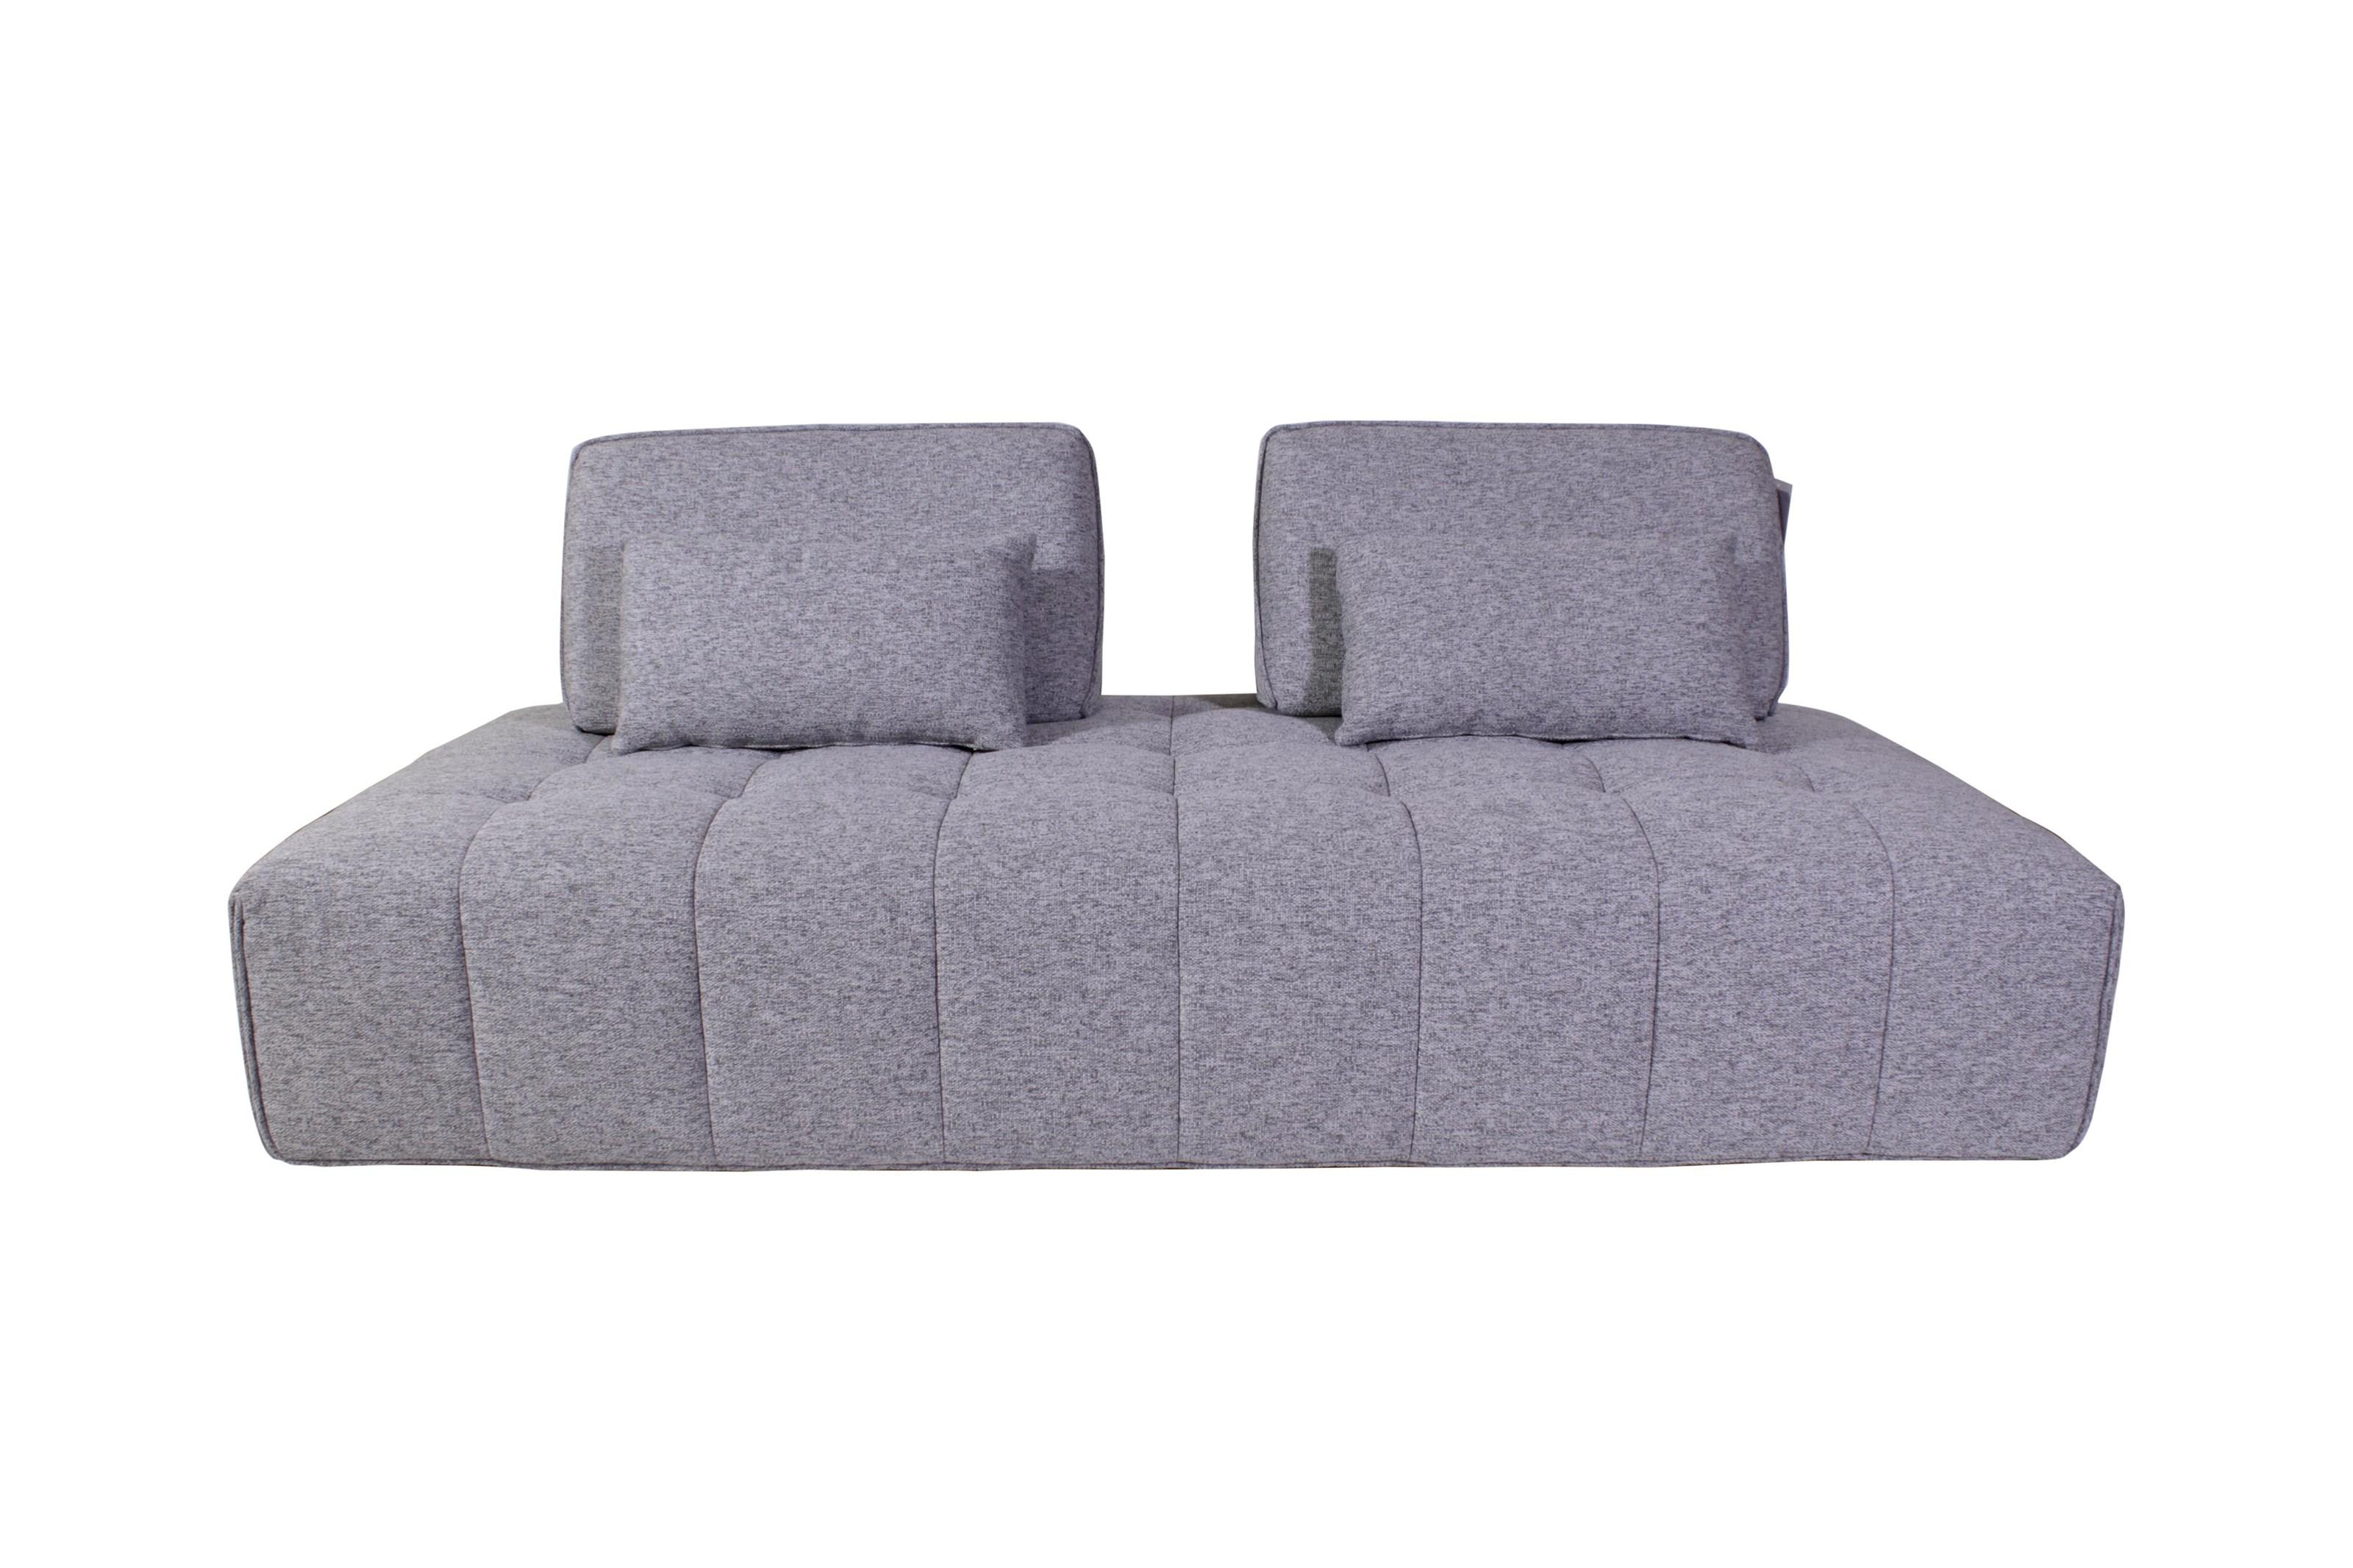 Boliya USA Utopia Armless Sofa - Item Number: KD-15099-3S